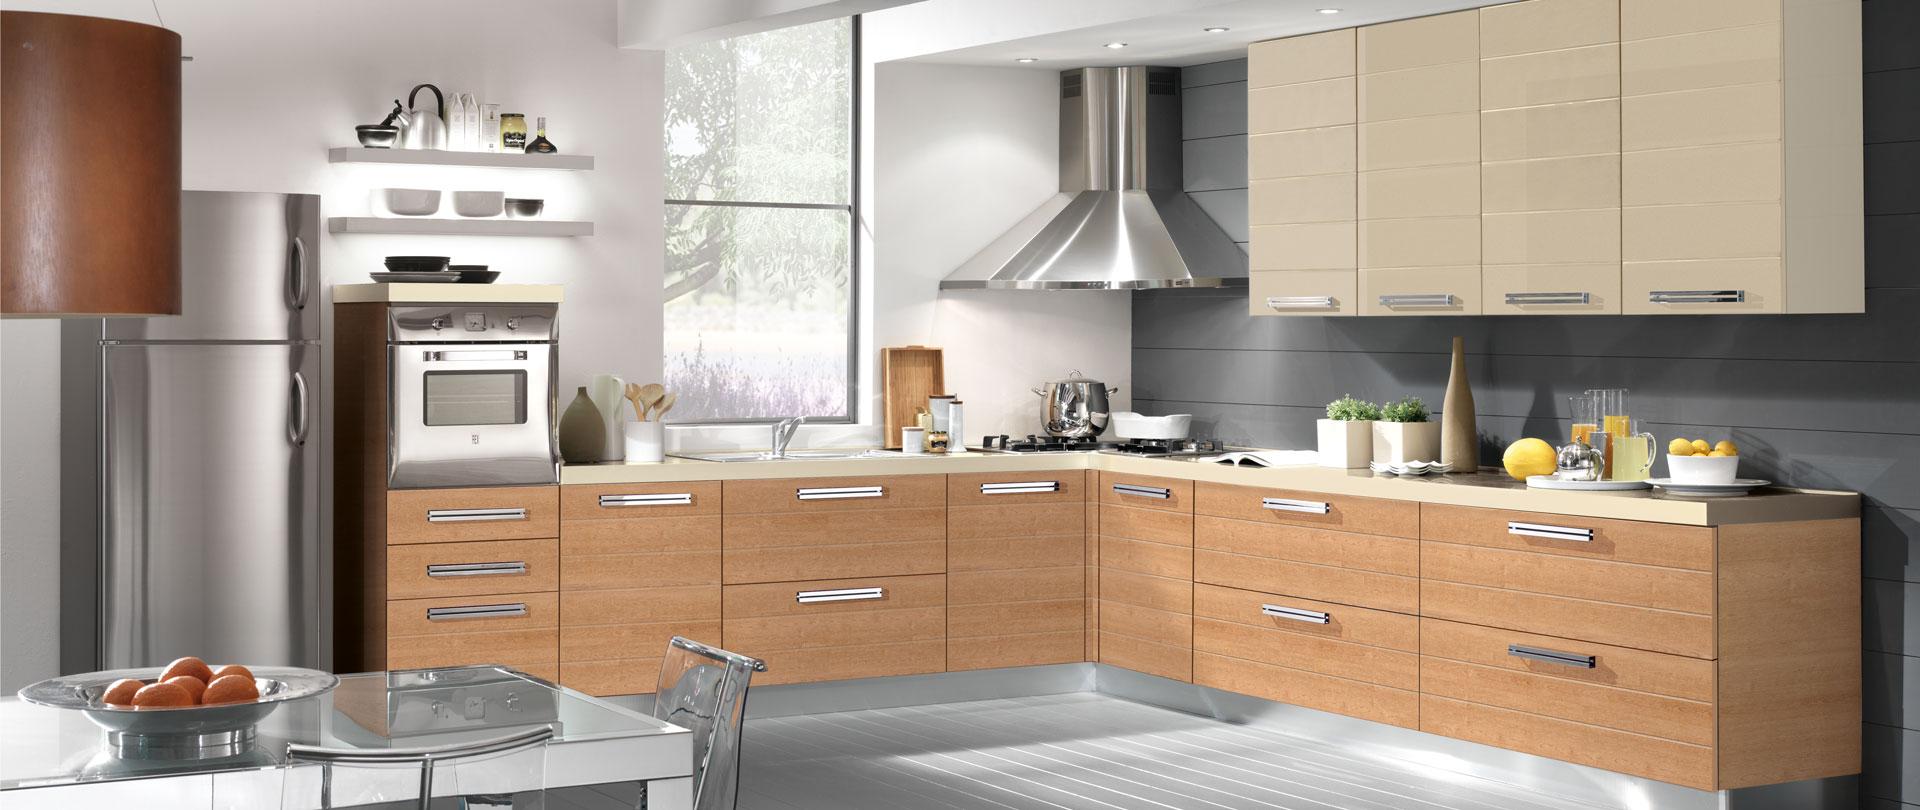 02-cucina-moderna-egle-ciliegio-marbella_crema - Cucinissima